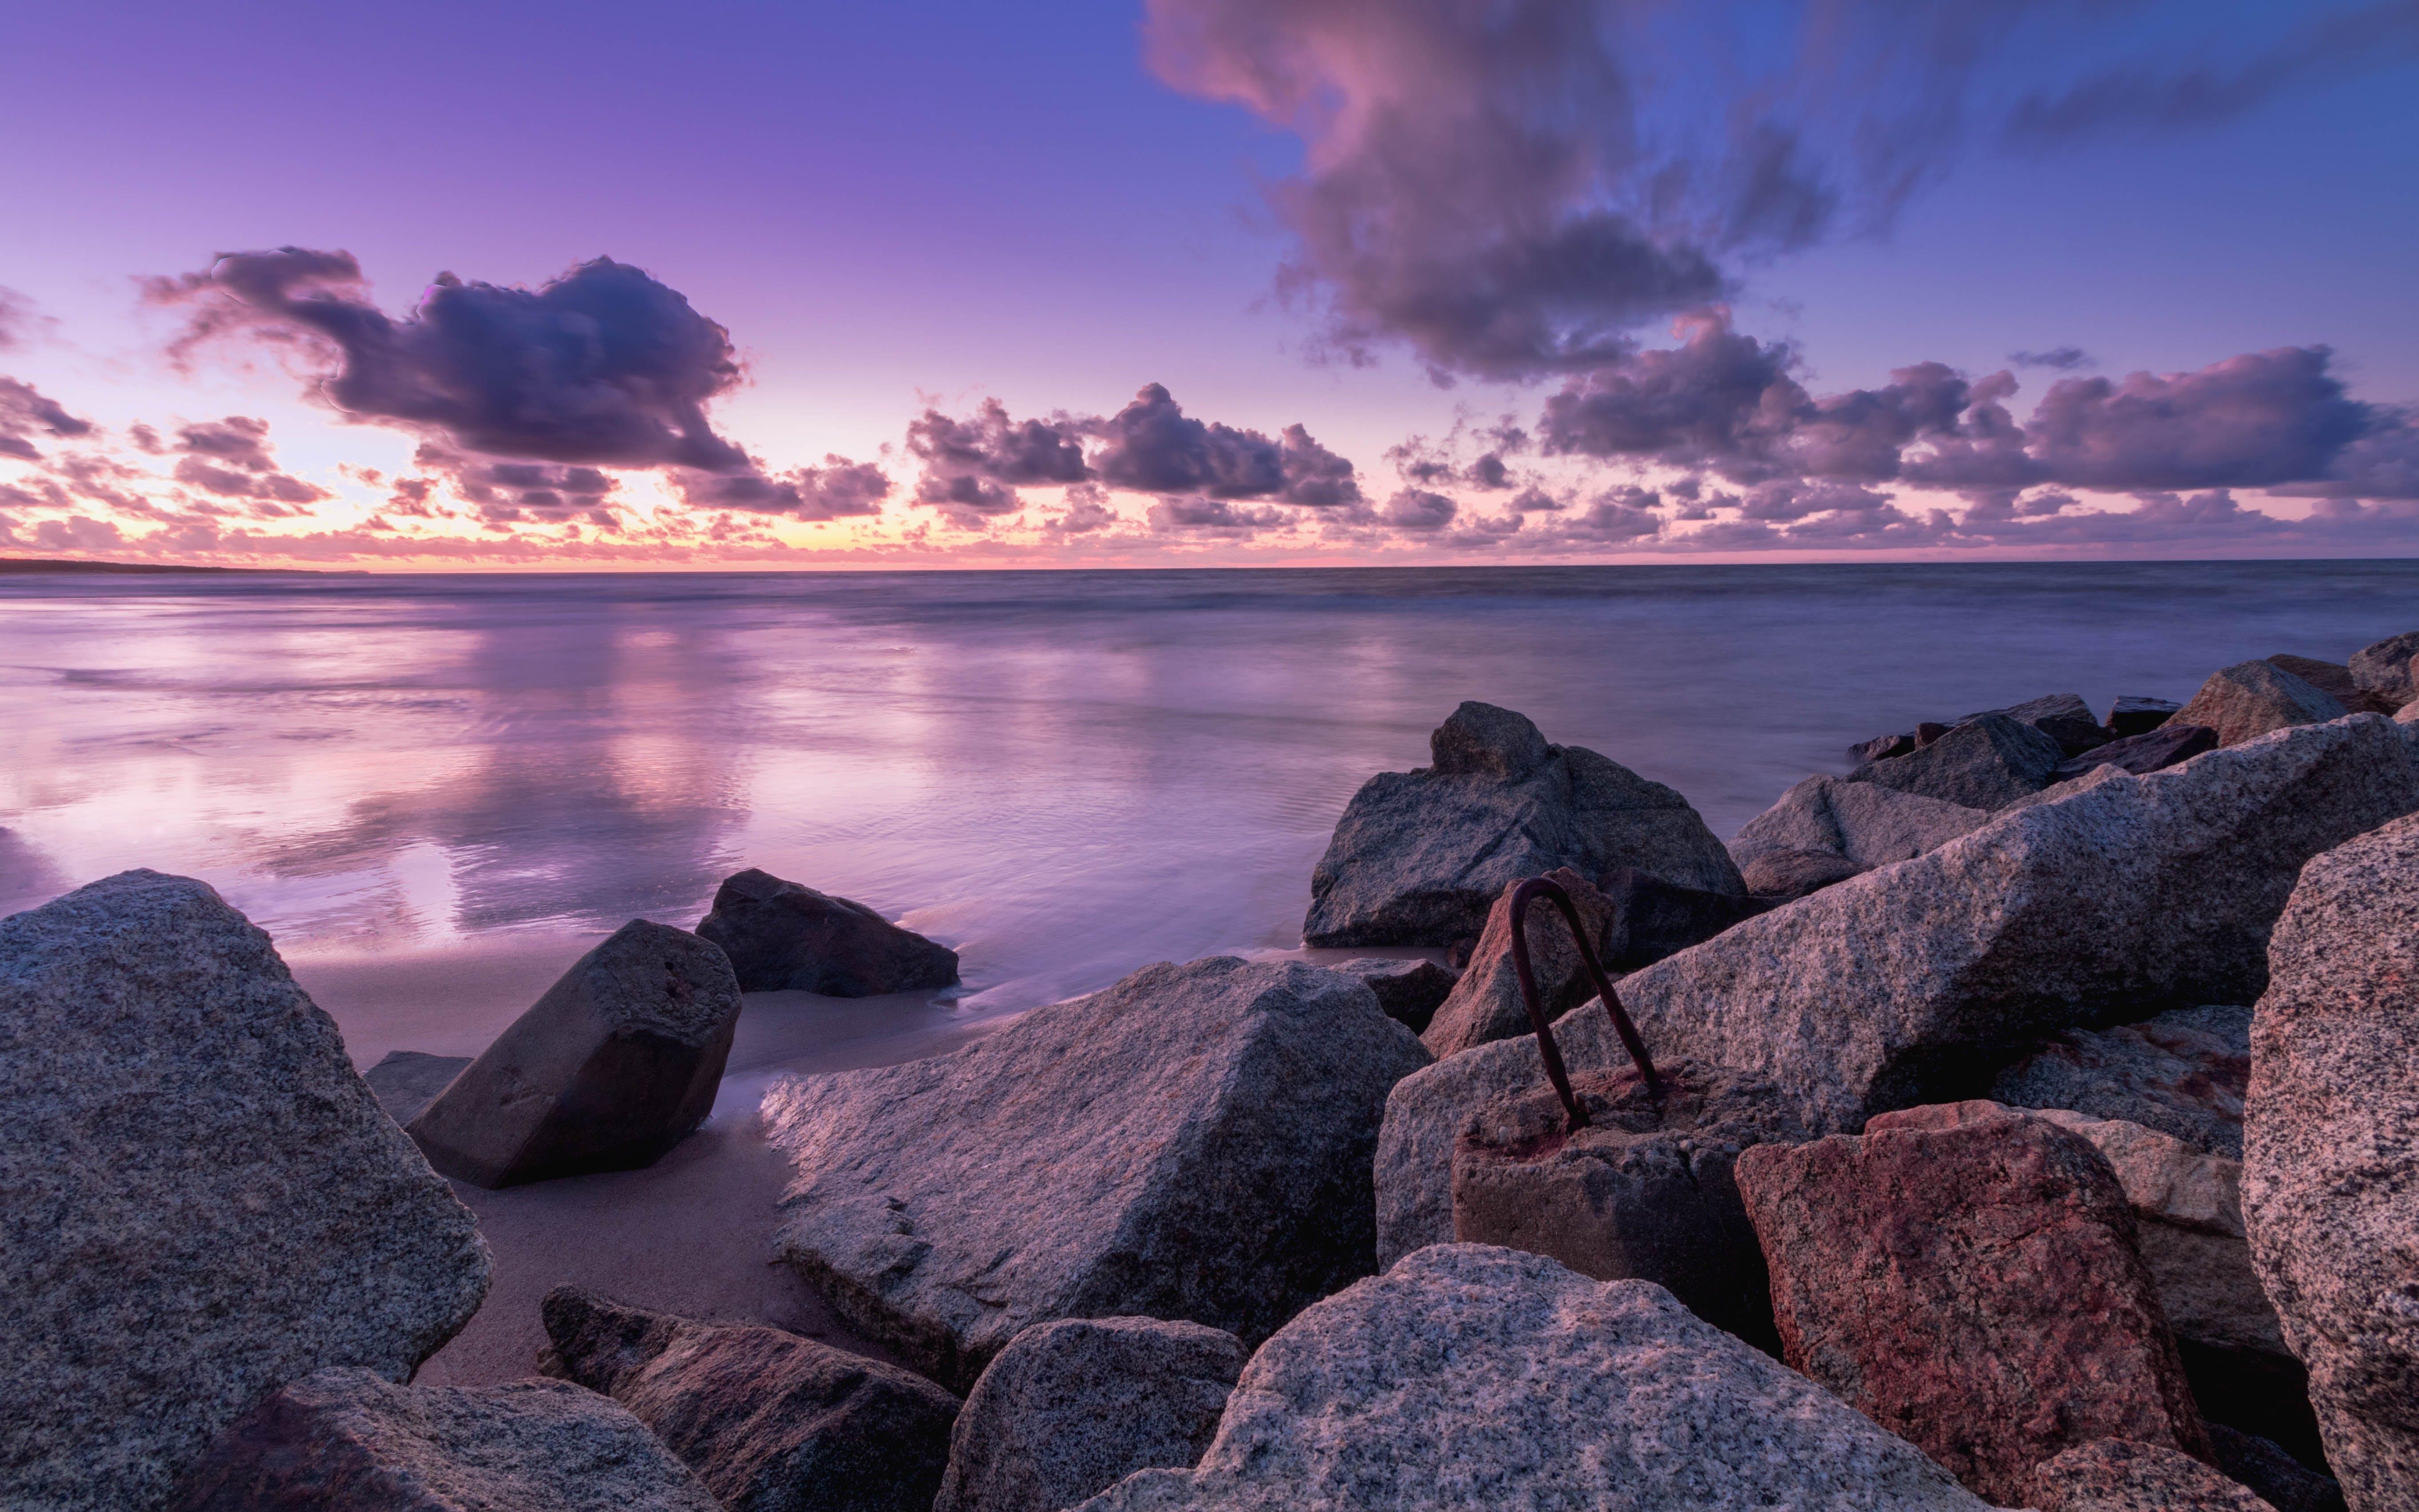 de água, alvorecer, beira-mar, conhecimento